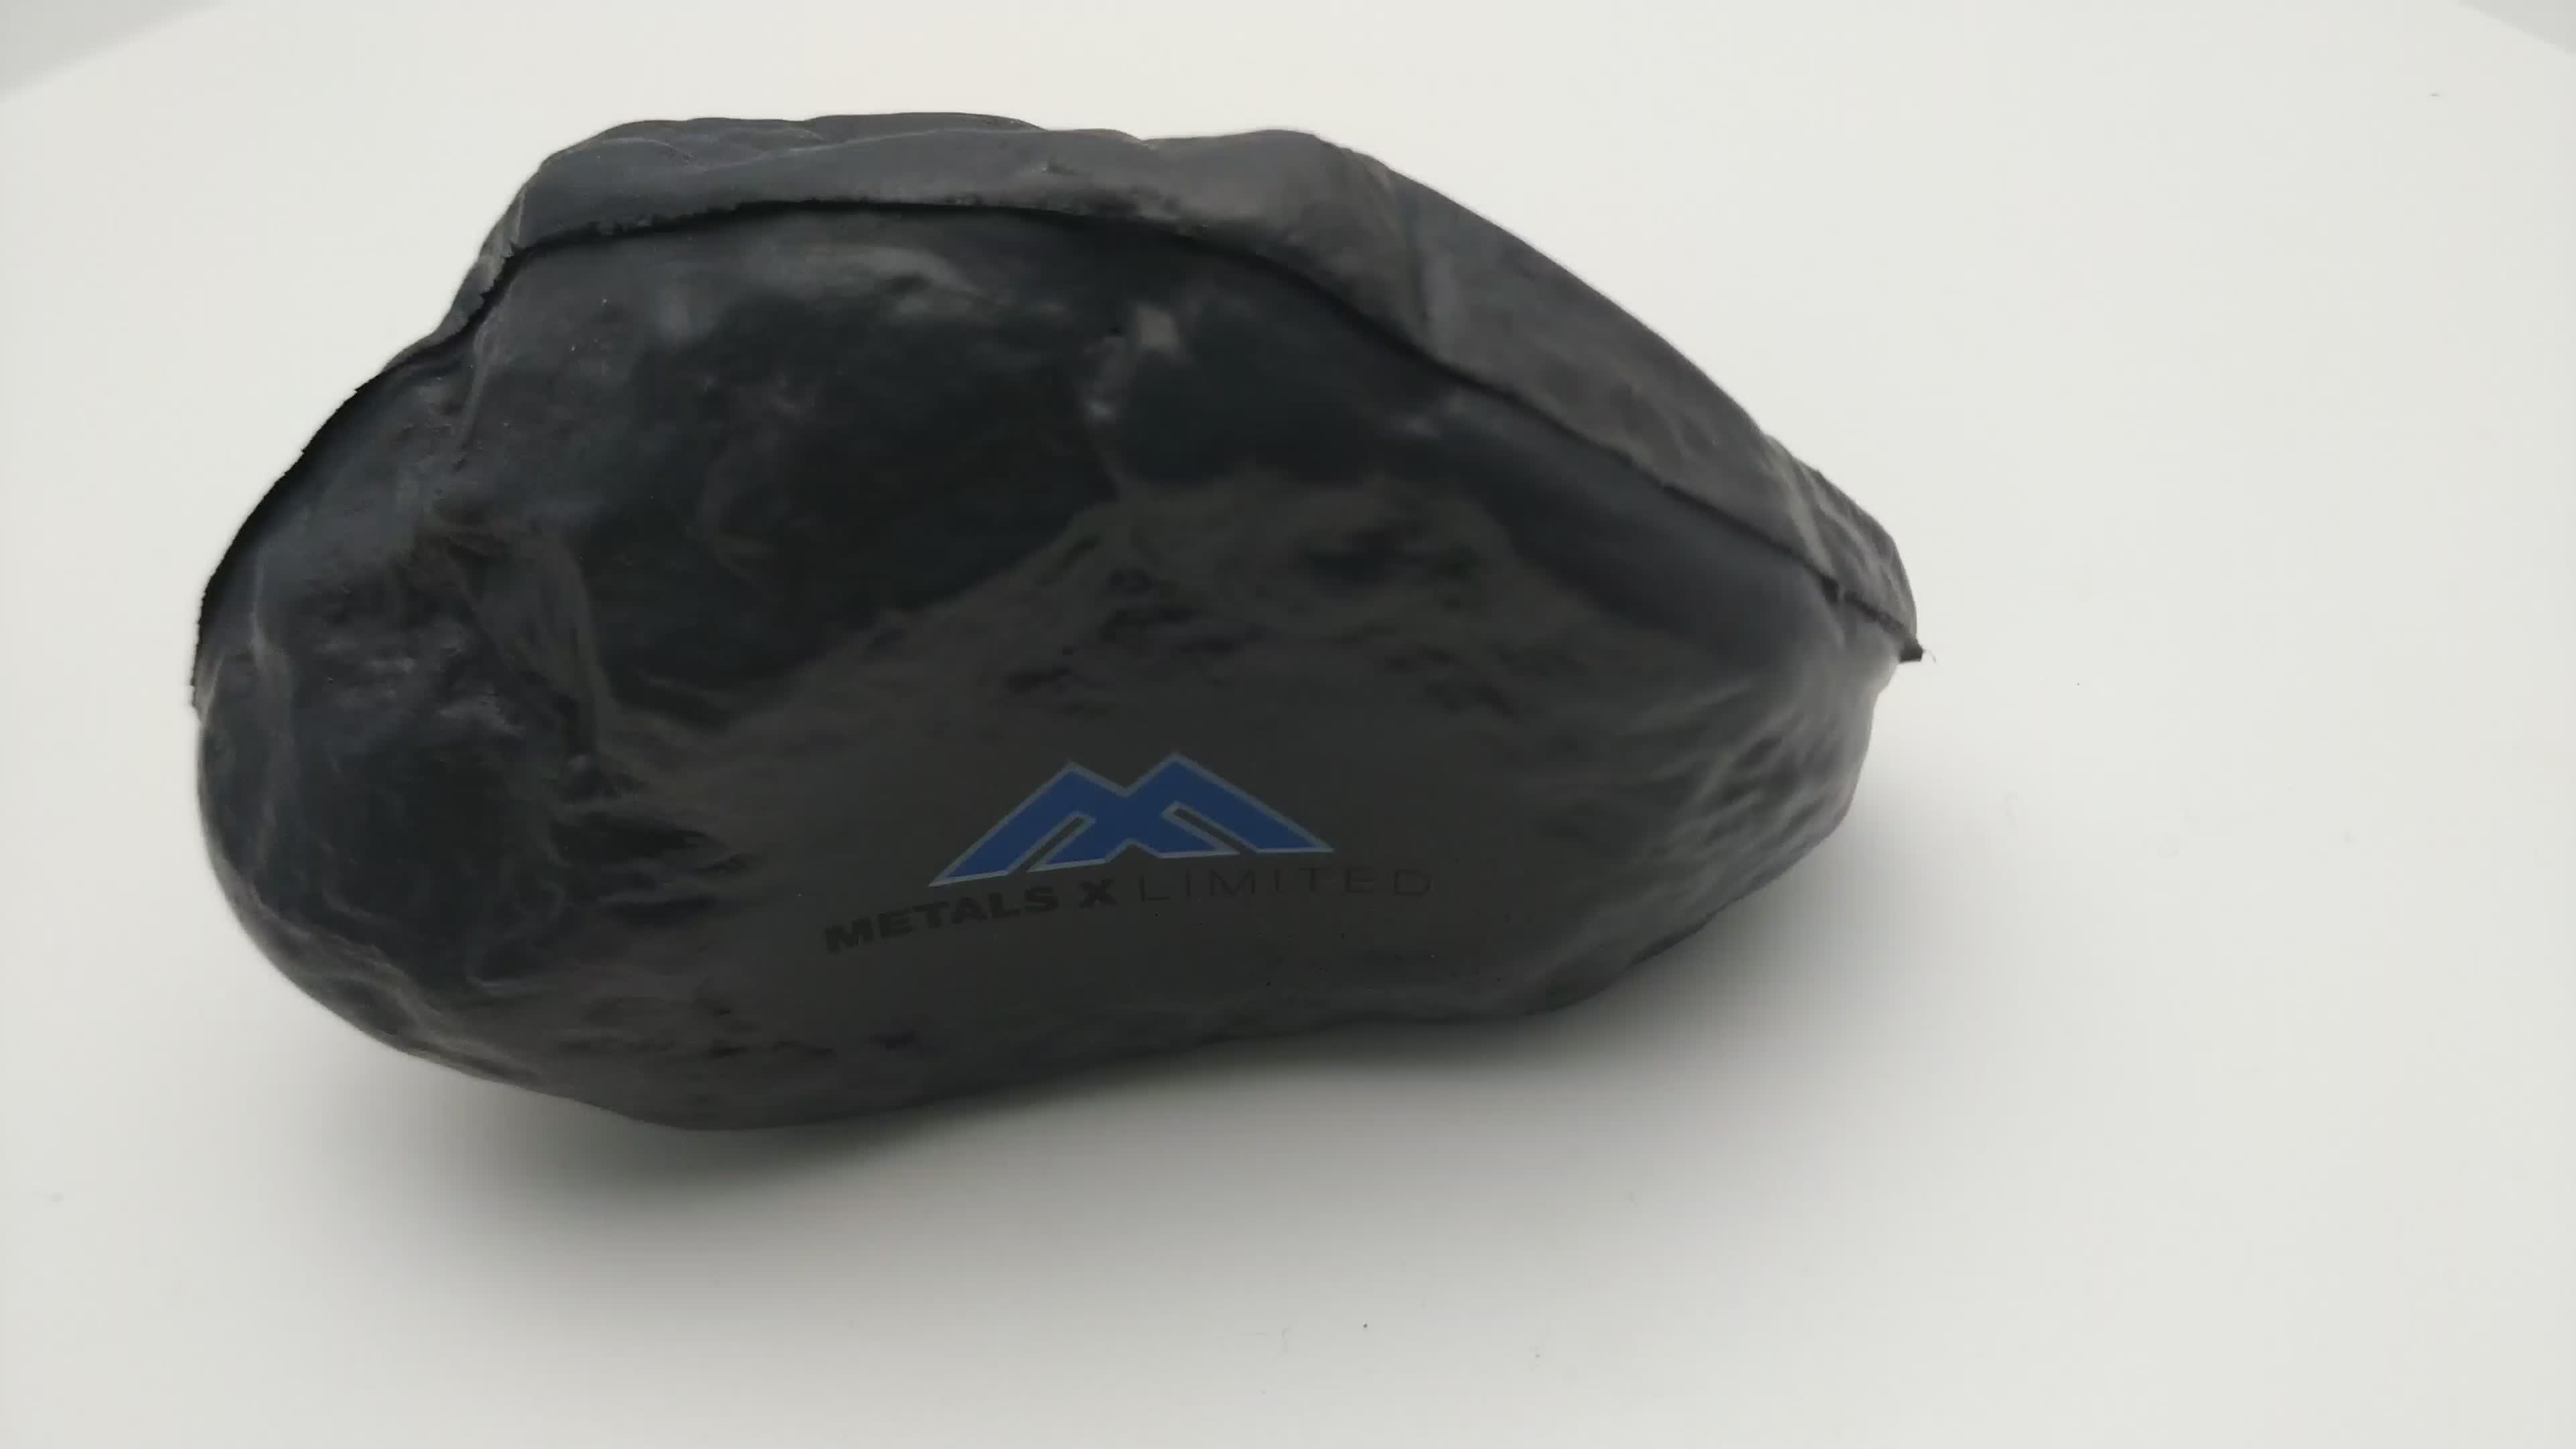 New Innovative Anti Stress Pu Rock Toy Soft PU Foam Rock Stress Reliever Toy With Customized Logo